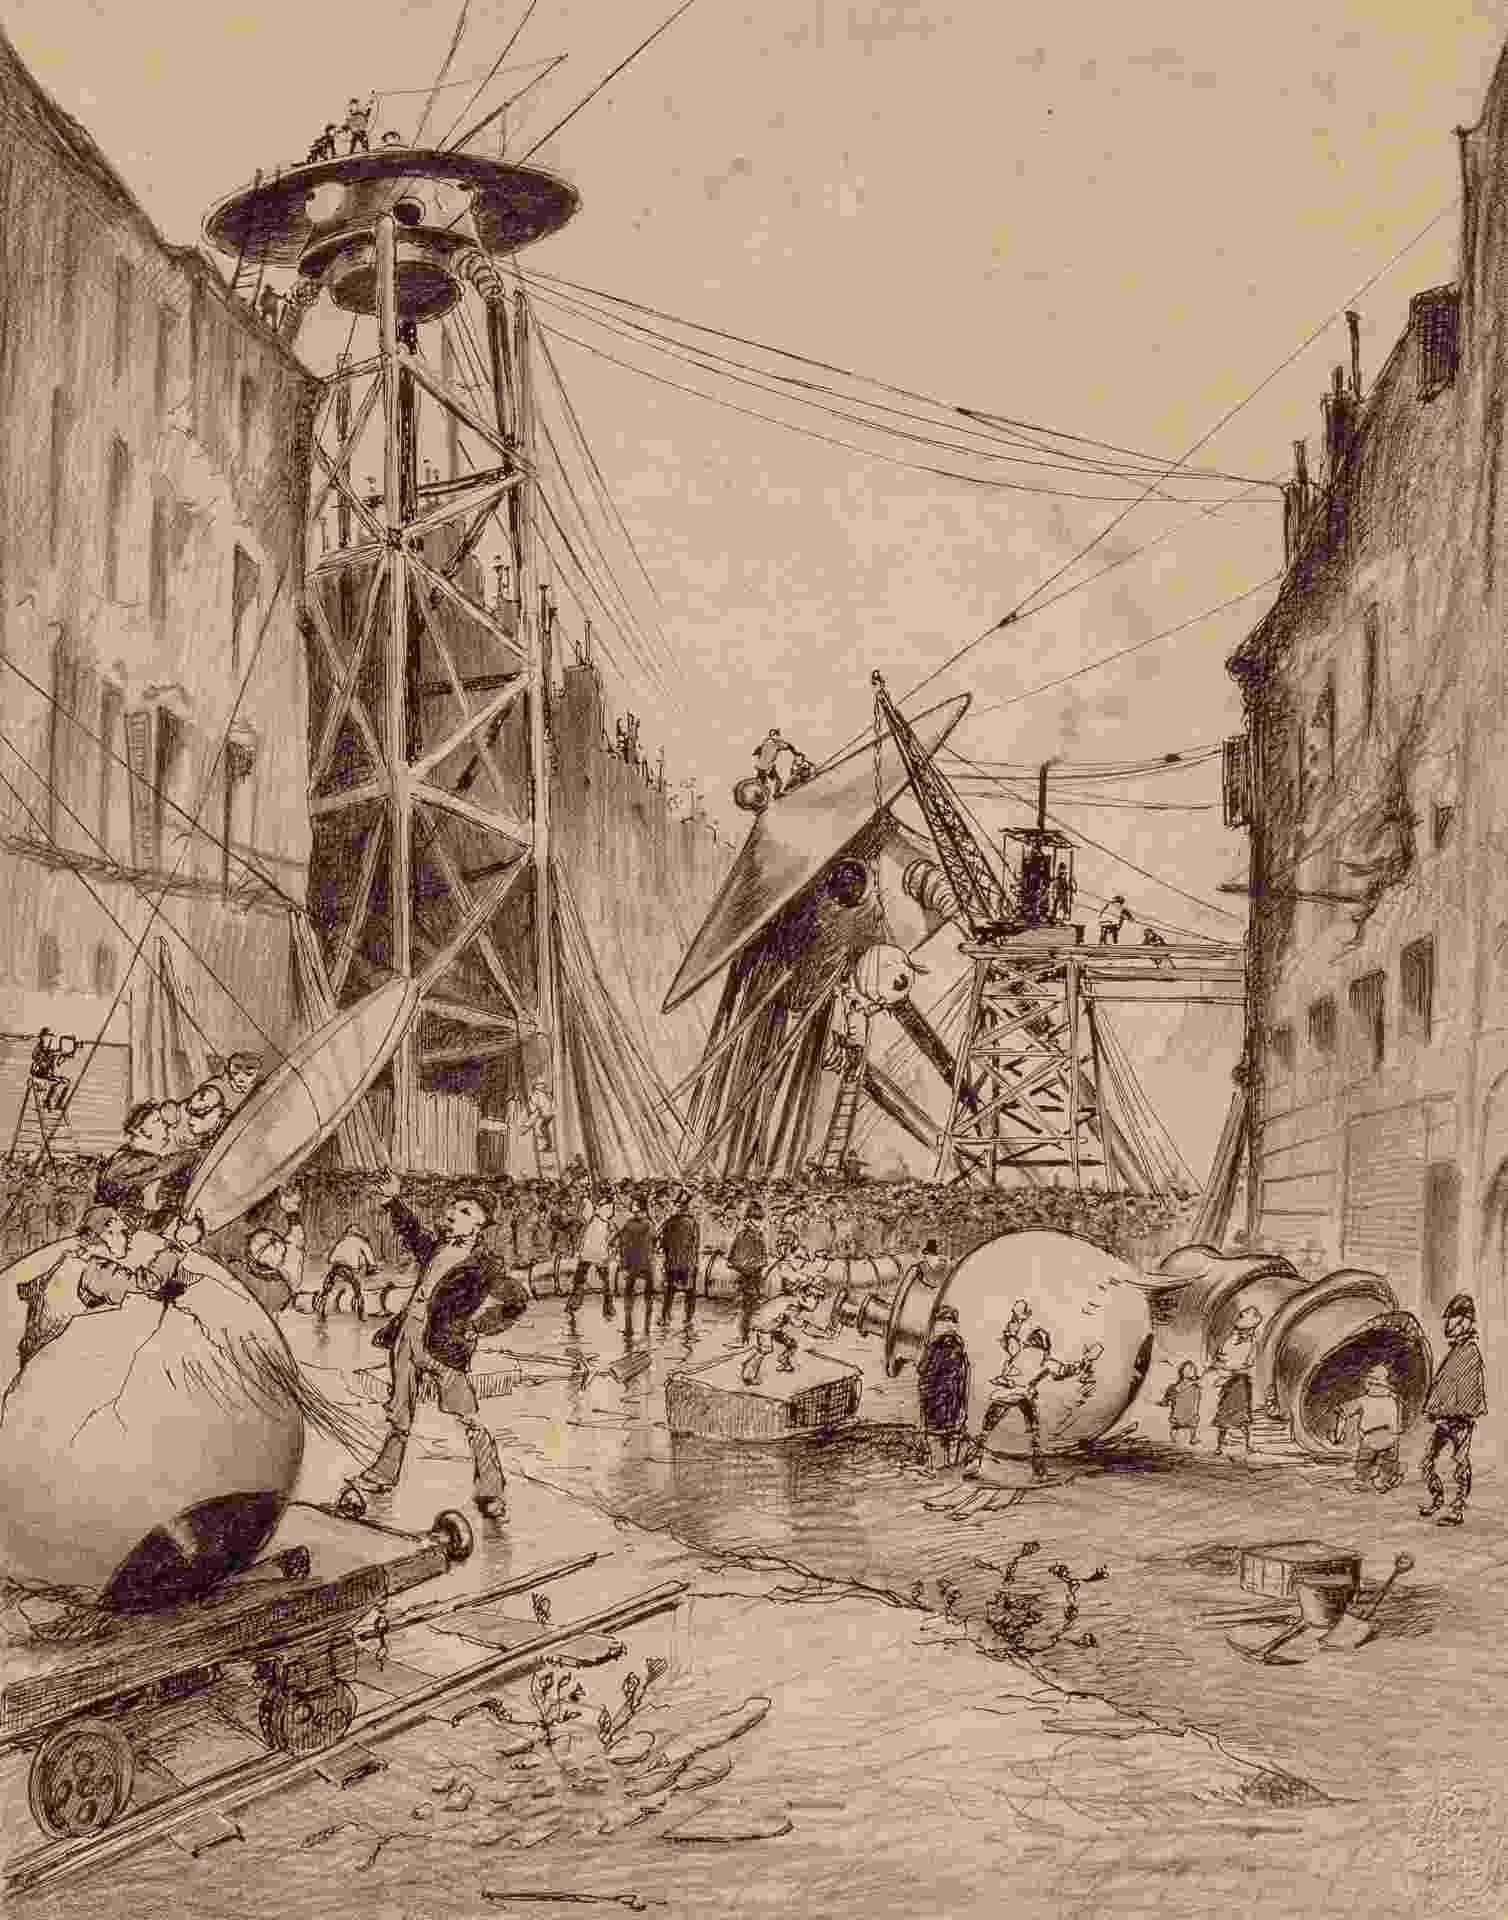 """Ilustração feita pelo artista brasileiro Henrique Alvim Corrêa no início do século 20 para a edição belga do livro """"A Guerra dos Mundos"""" - Reprodução"""